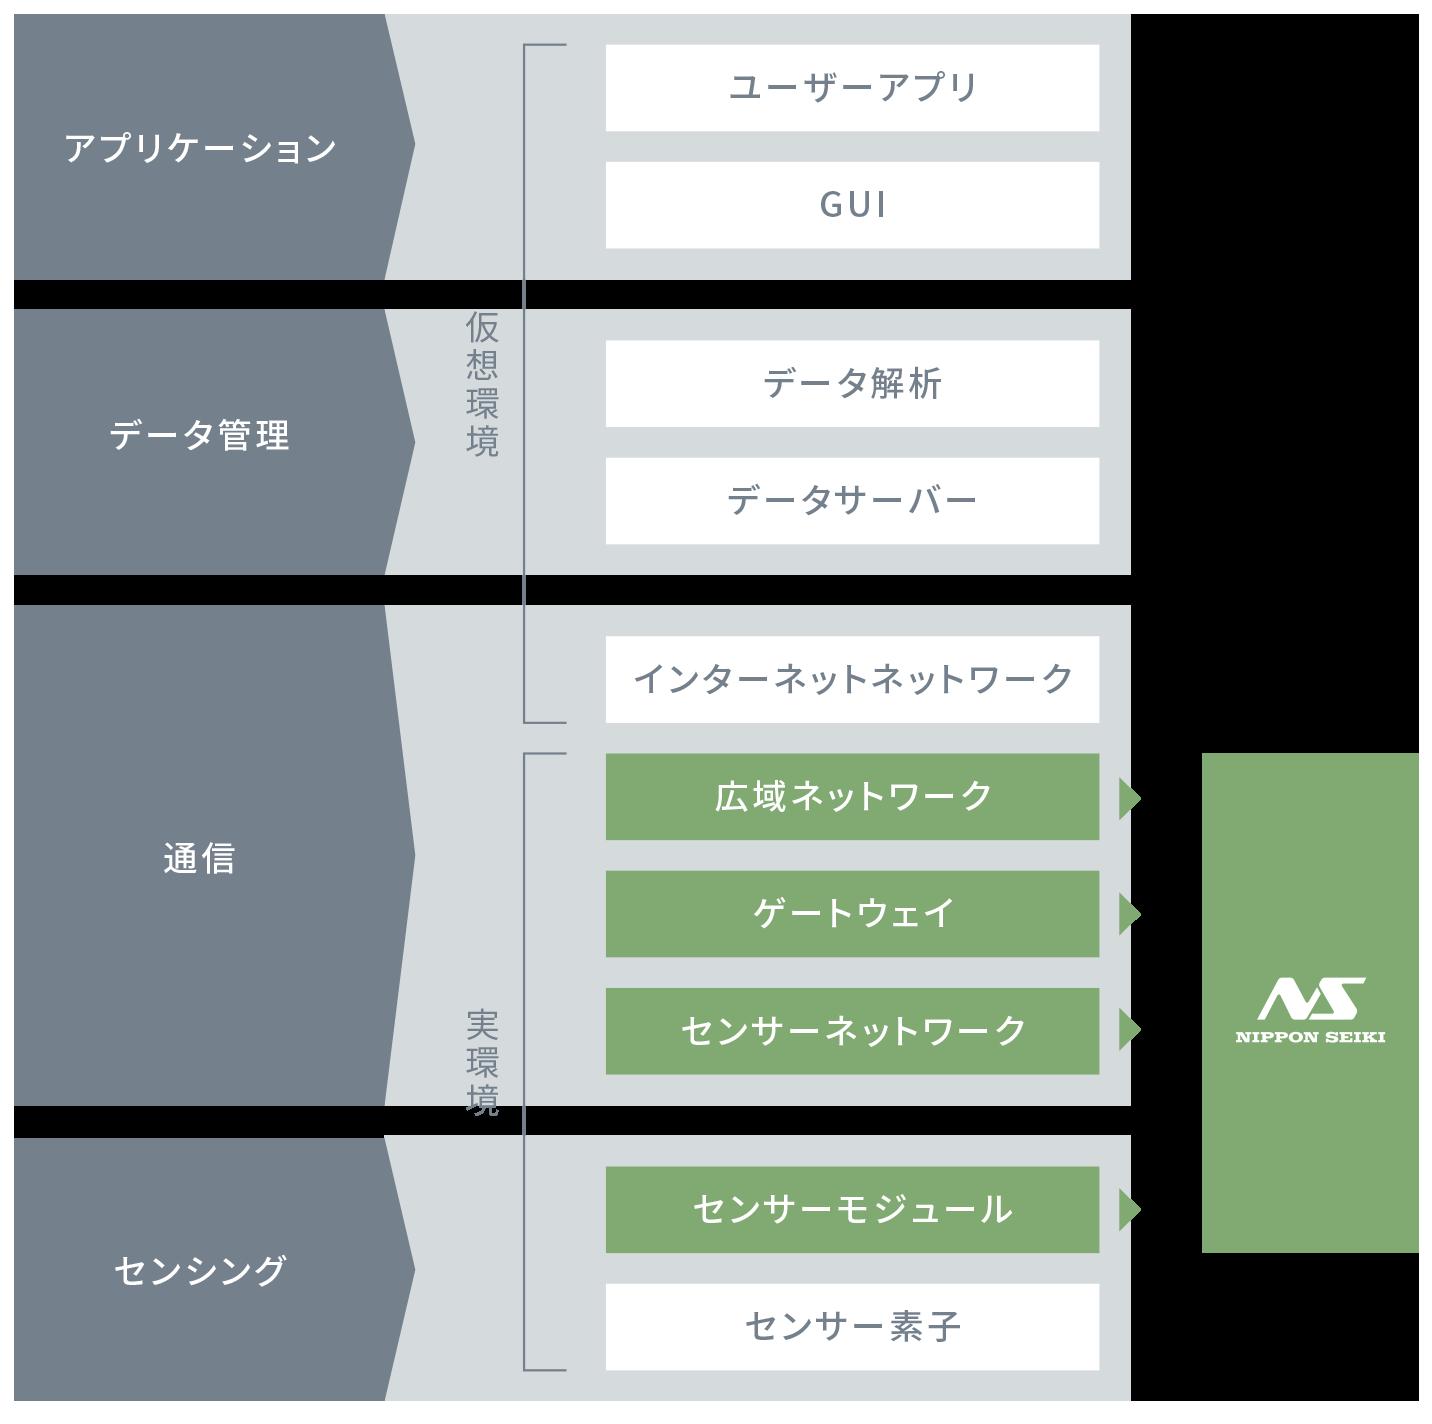 日本精機IoTの階層領域